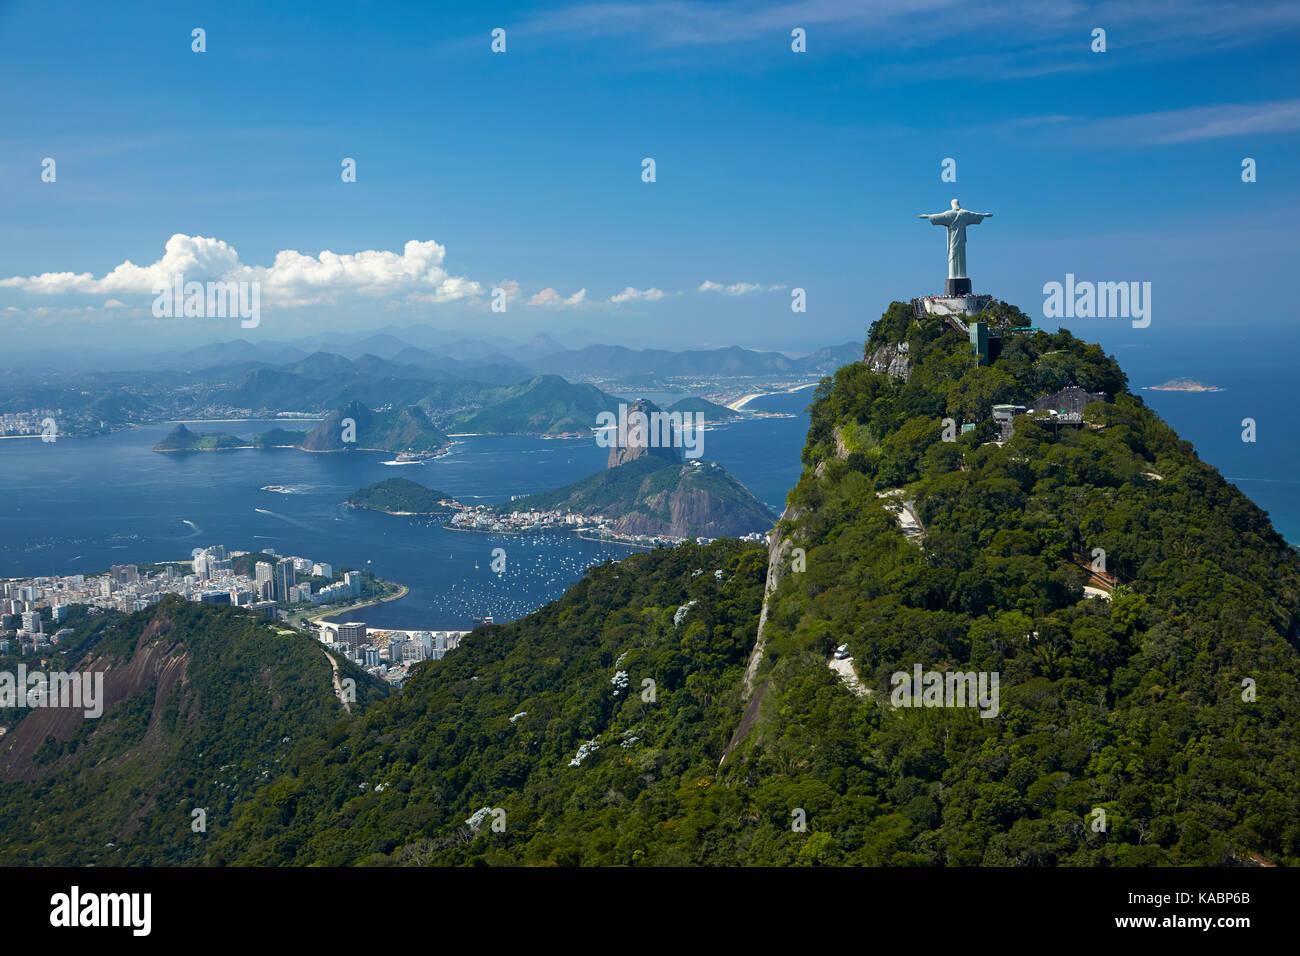 Cristo redentore statua in cima corcovado e sugarloaf mountain, rio de janeiro, Brasile, Sud America - aerial Immagini Stock